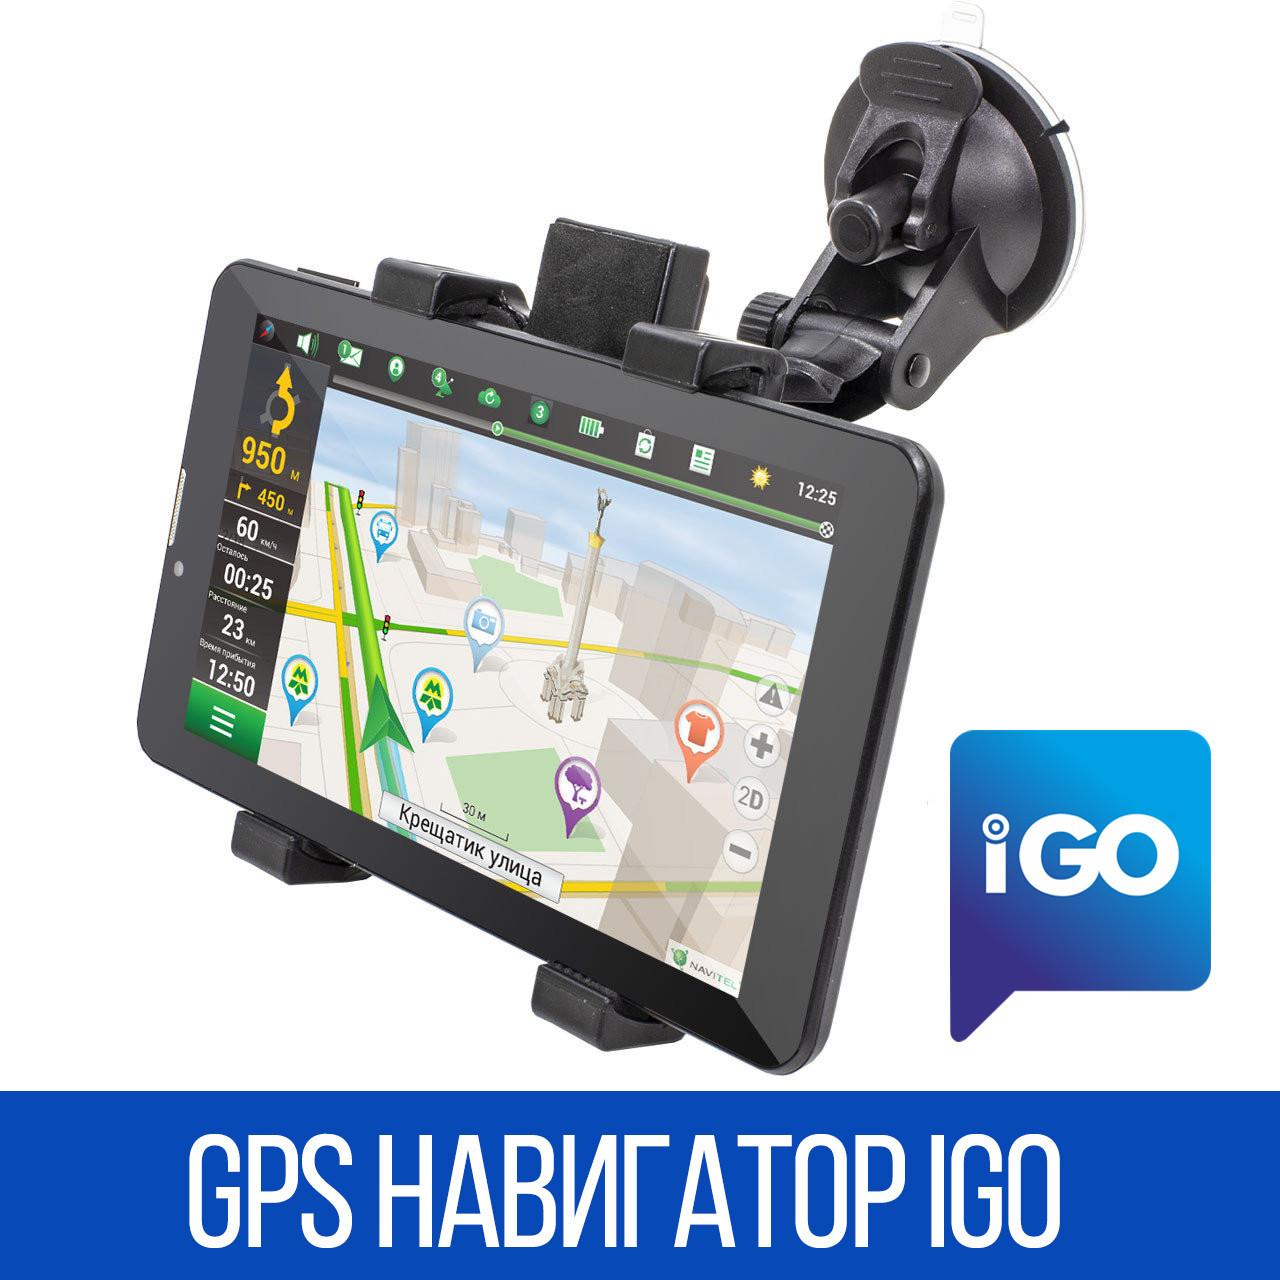 GPS навигатор IGO DVR700PI 7 дюймов 1/16Gb встроенный видеорегистратор GPS/A-GPS 3G 2SIM для дальнобойщиков (2437-10161)